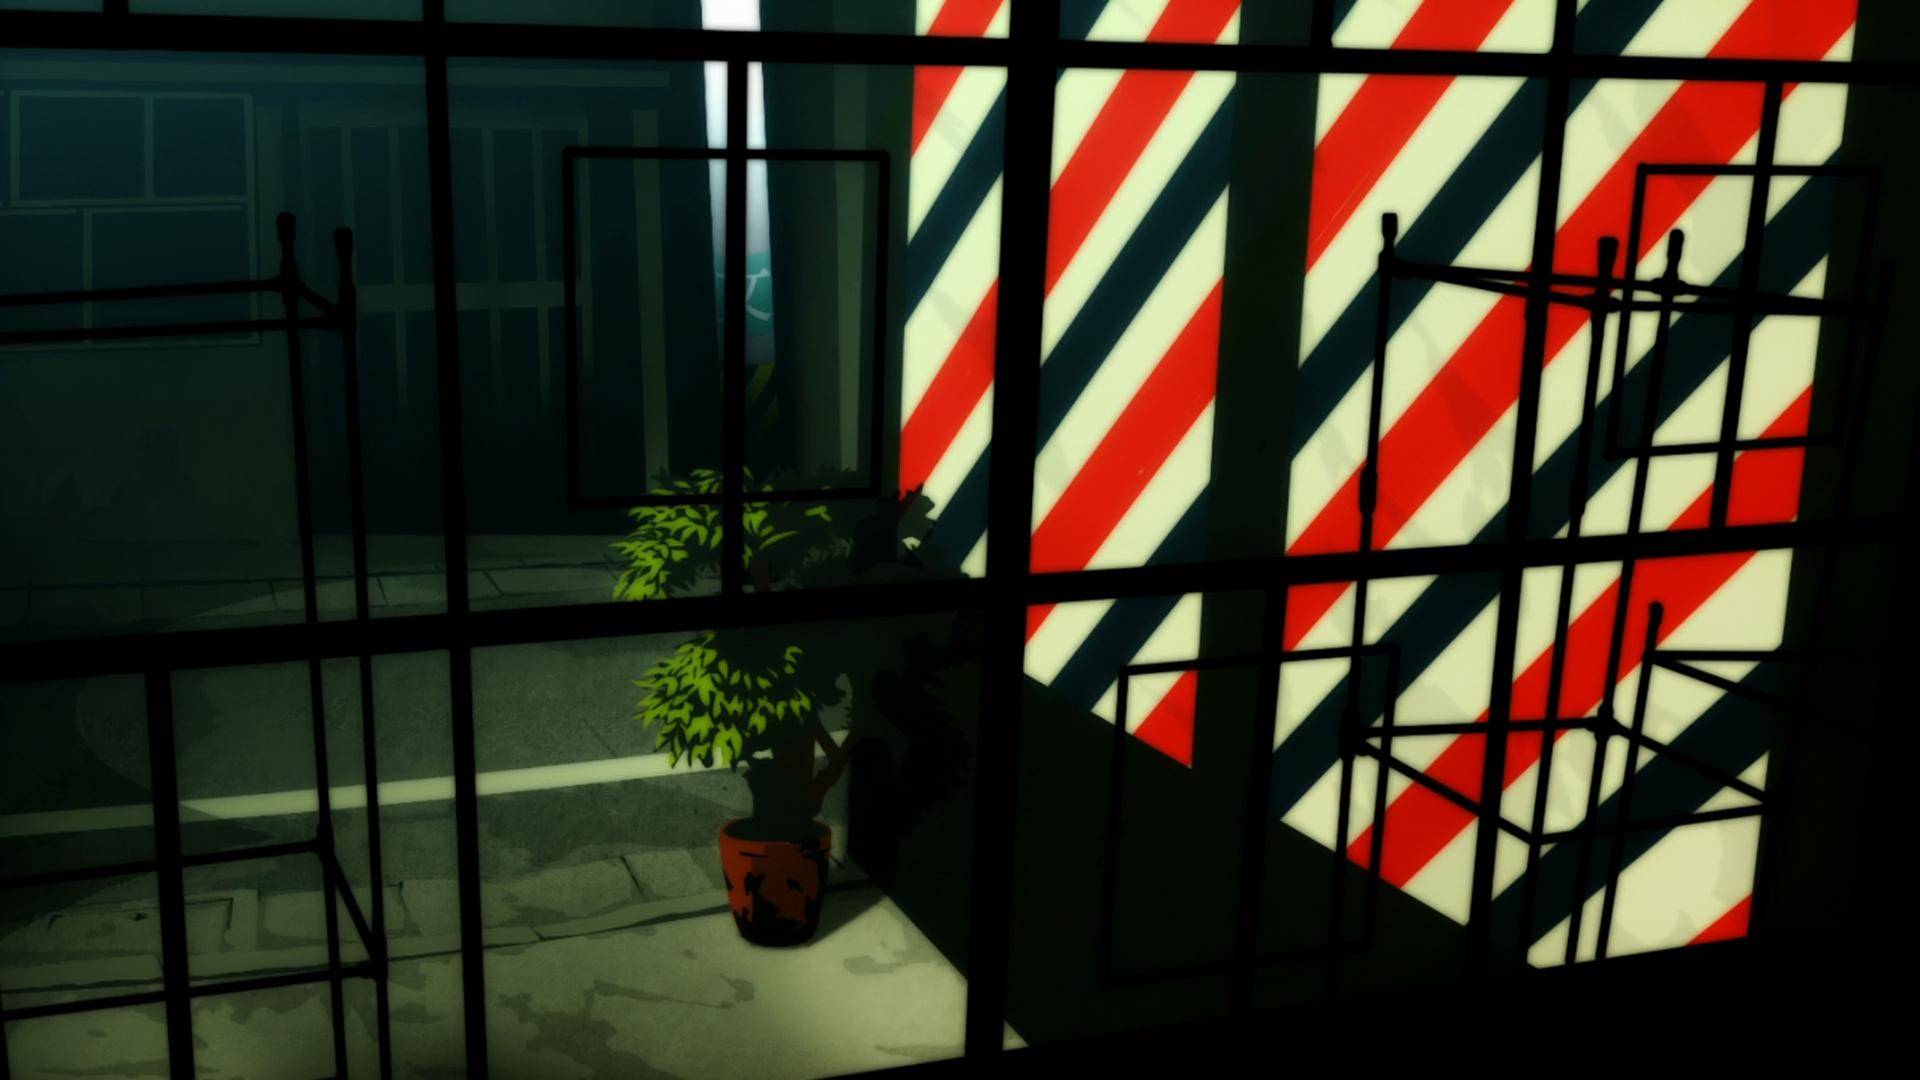 bakemonogatari computer wallpapers desktop backgrounds